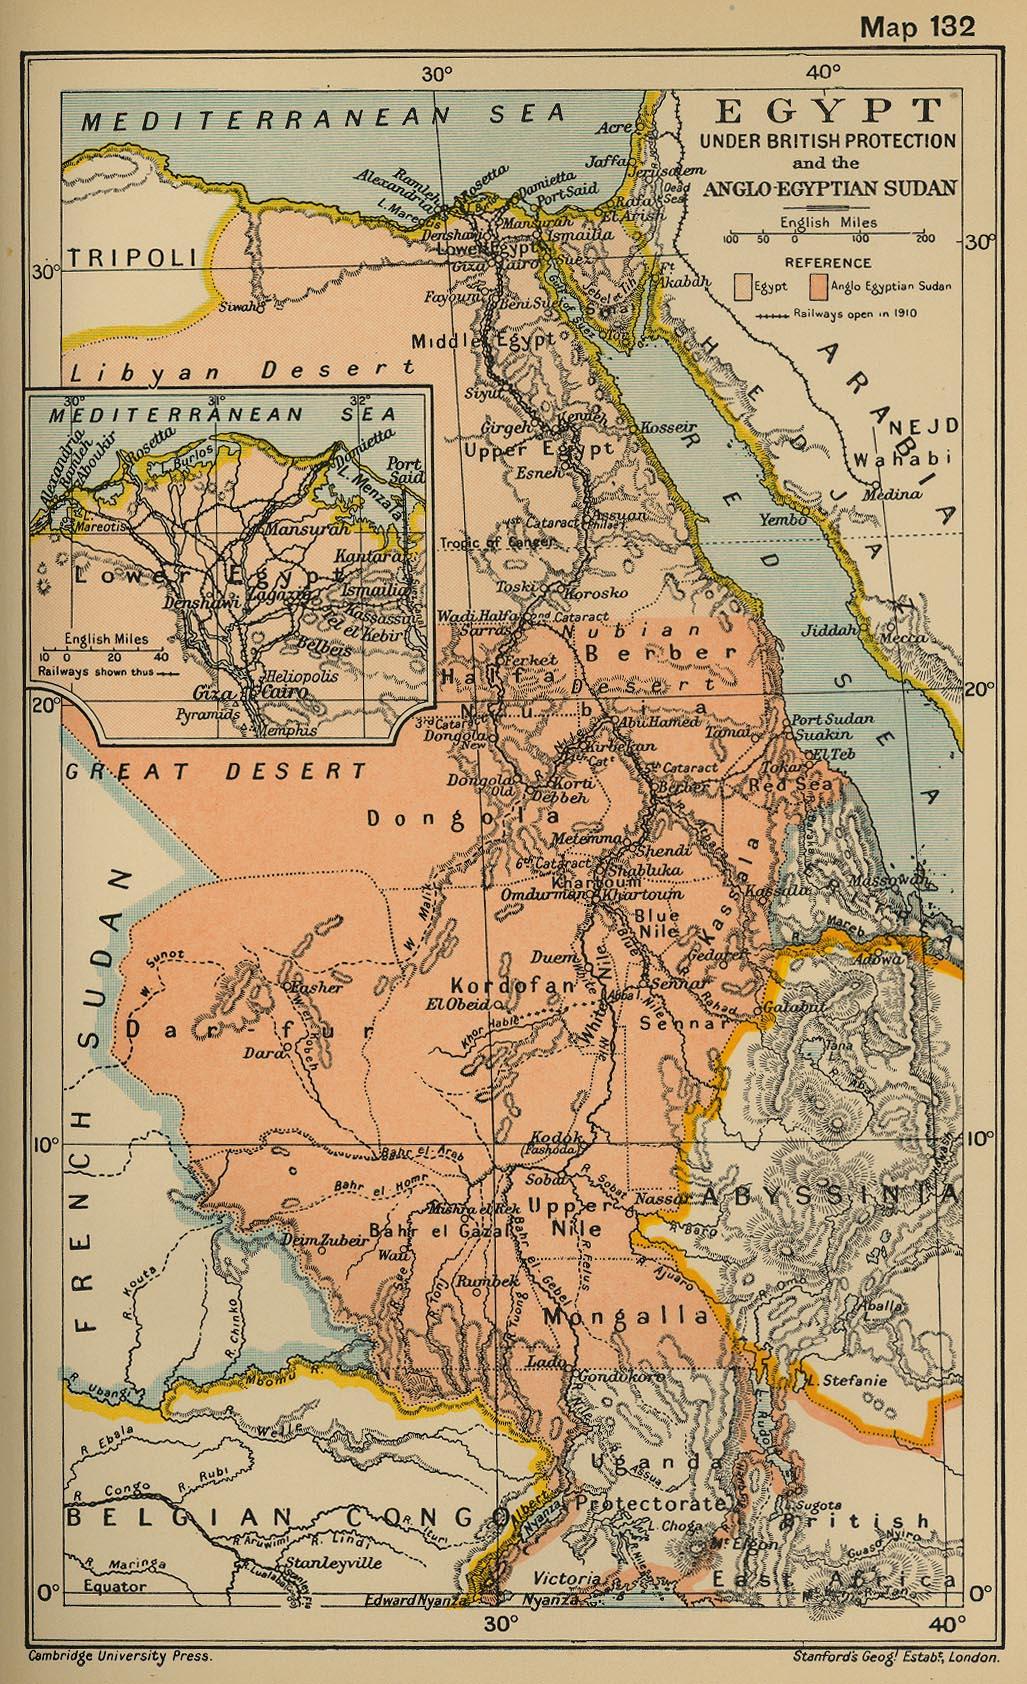 Egipto bajo la protección británica y el Sudán anglo-egipcio